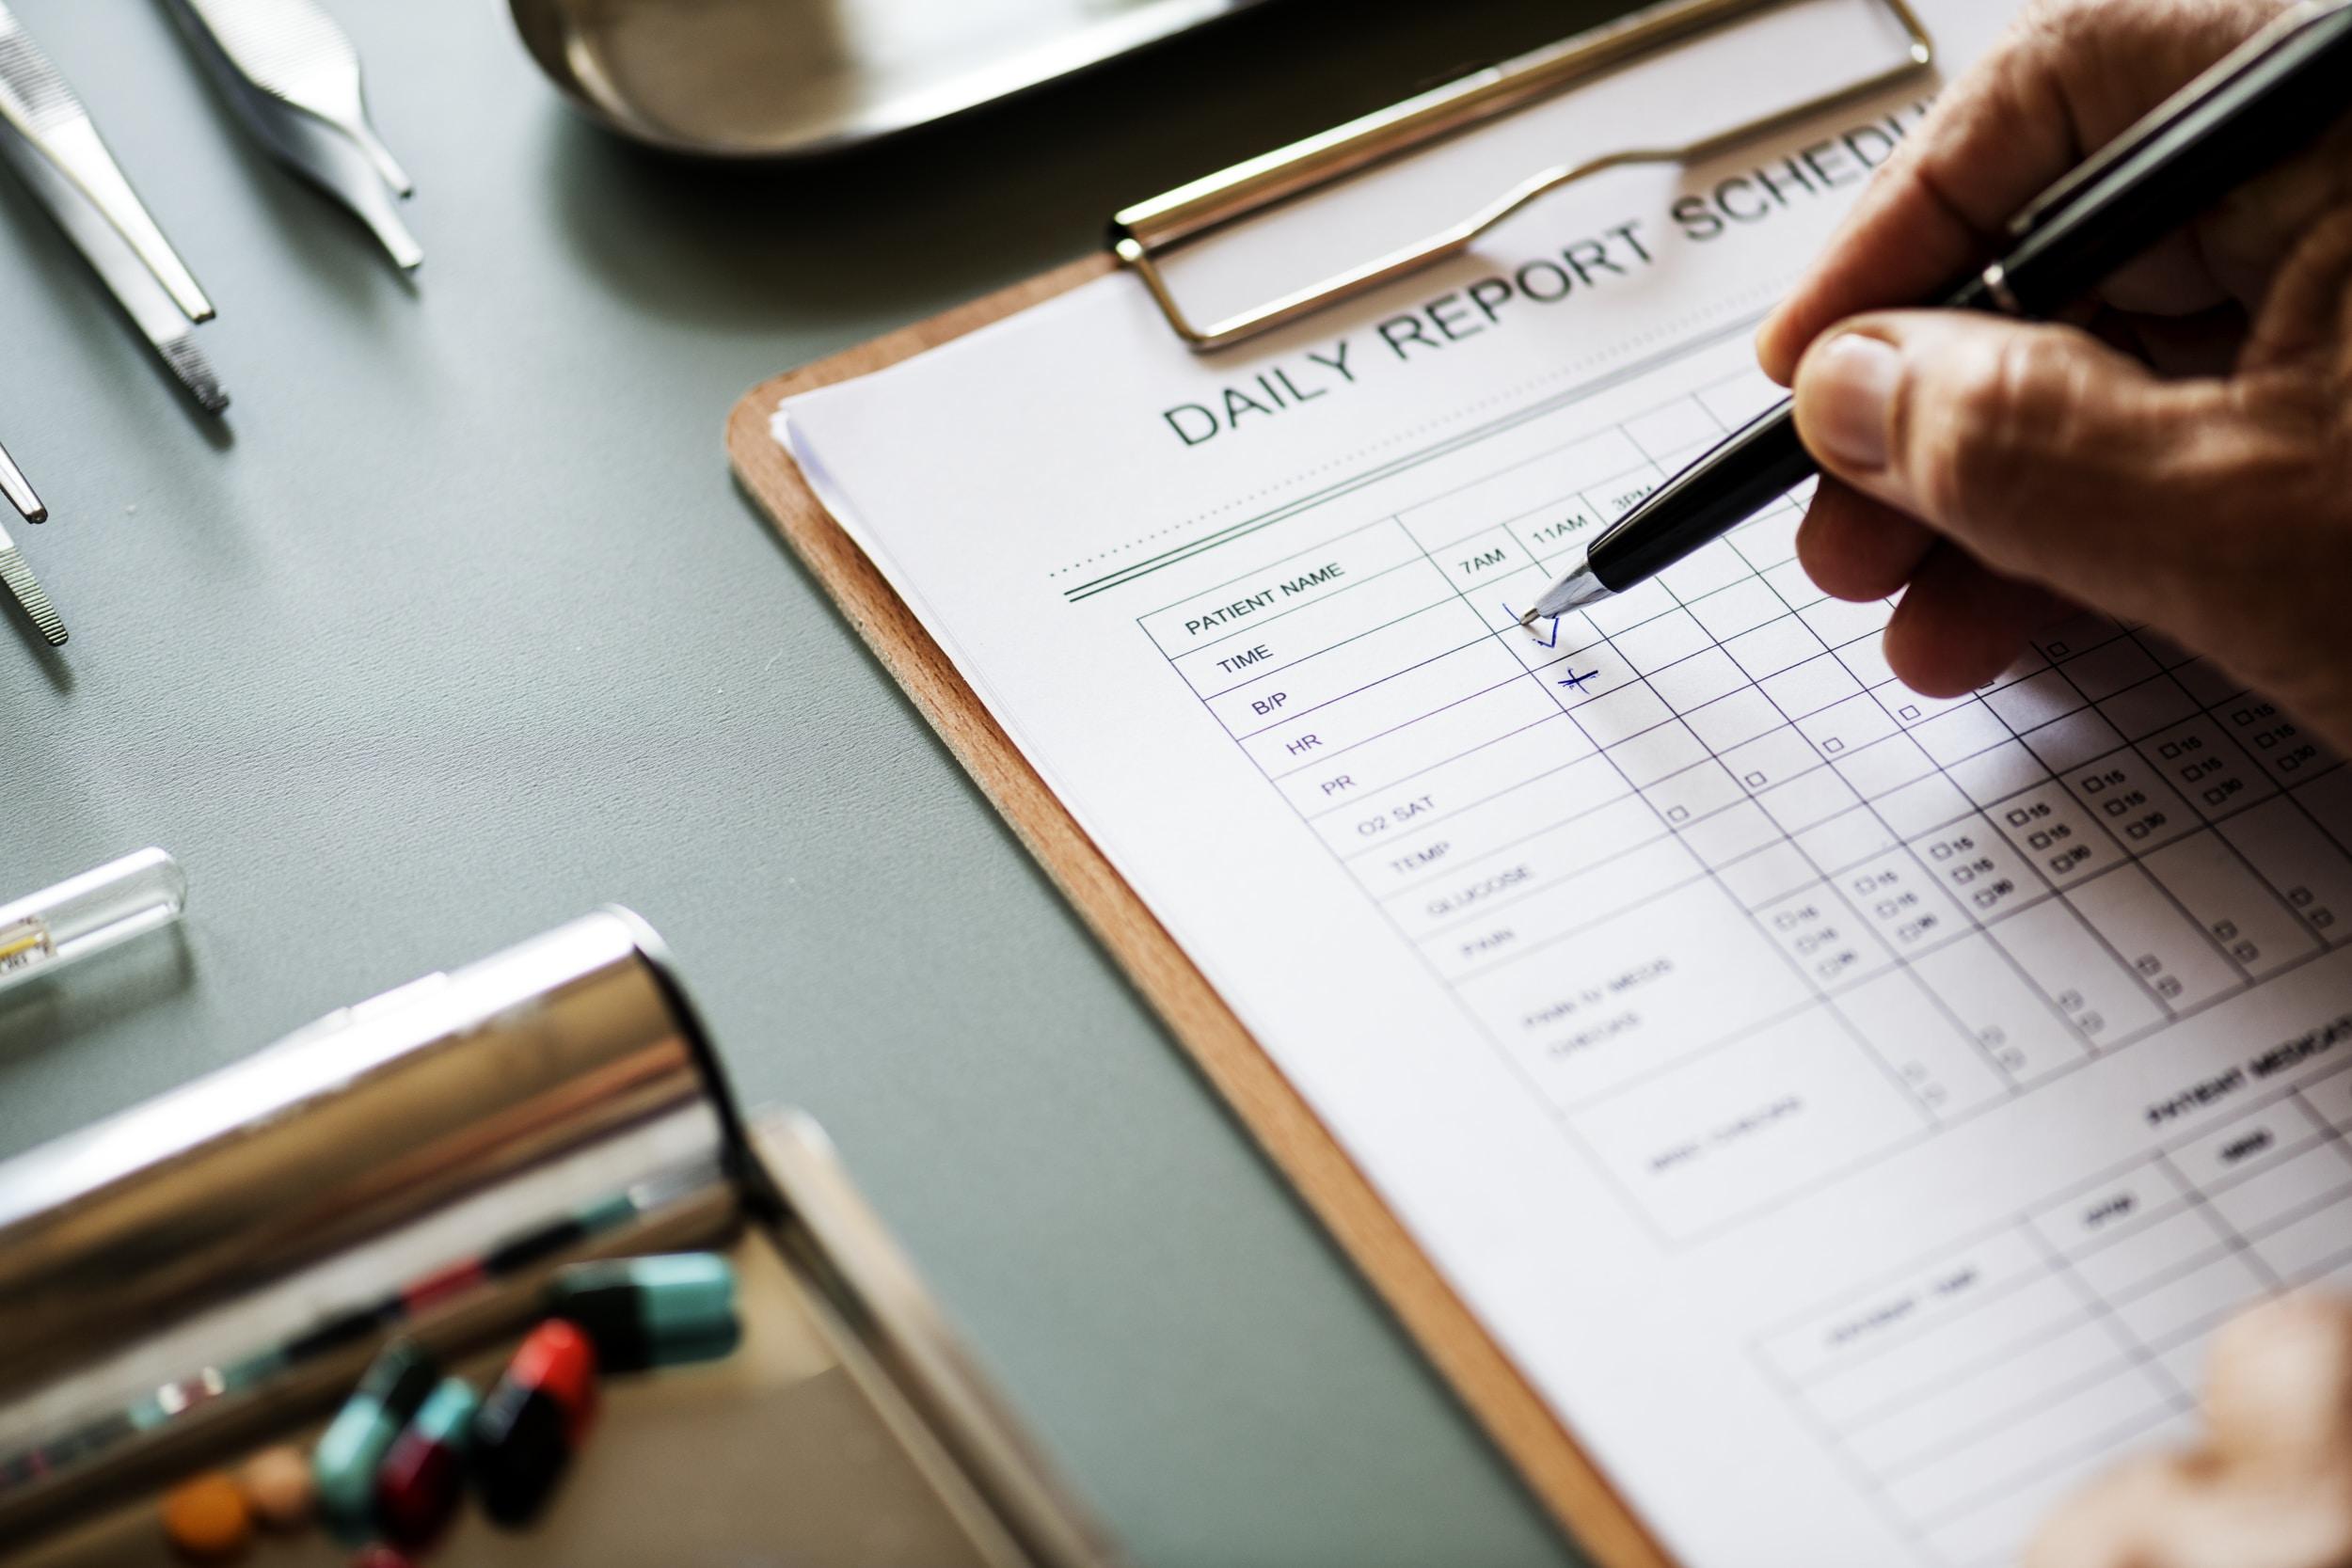 Чума 21-го века: что делать, если врач поставил диагноз рак